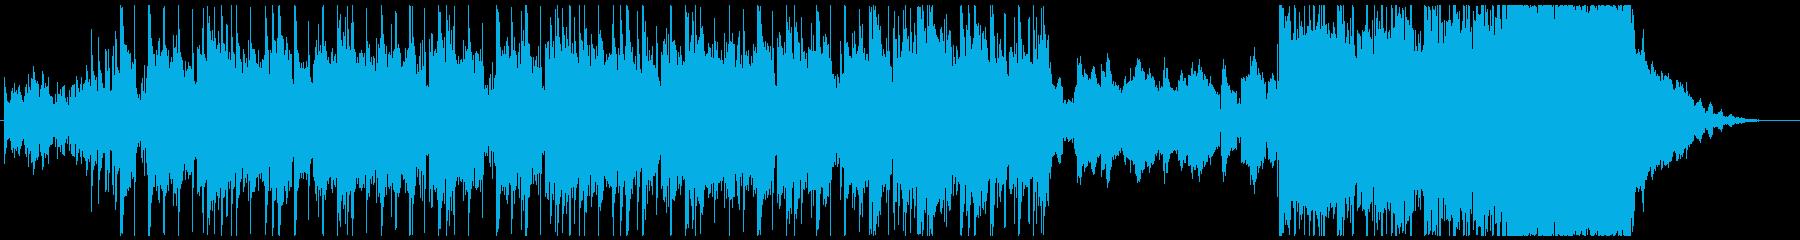 ポップ ロック カントリー 広い ...の再生済みの波形